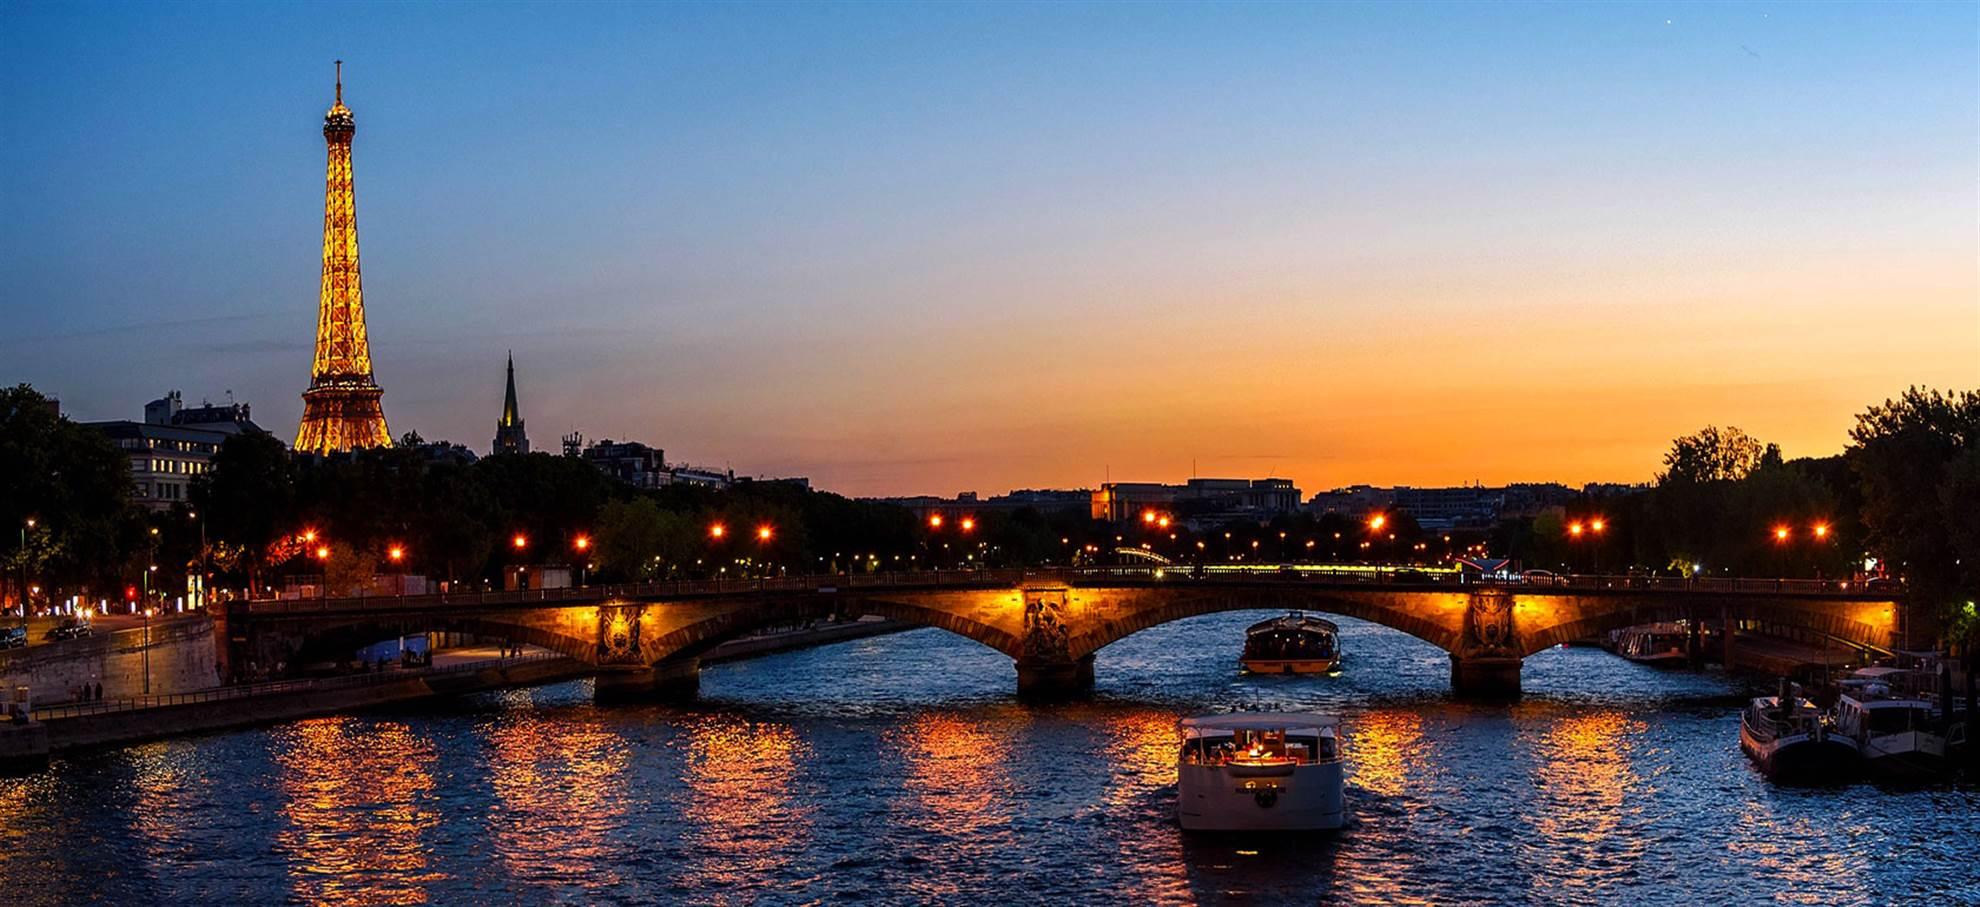 Crucero por el Sena (desde Torre Eiffel)